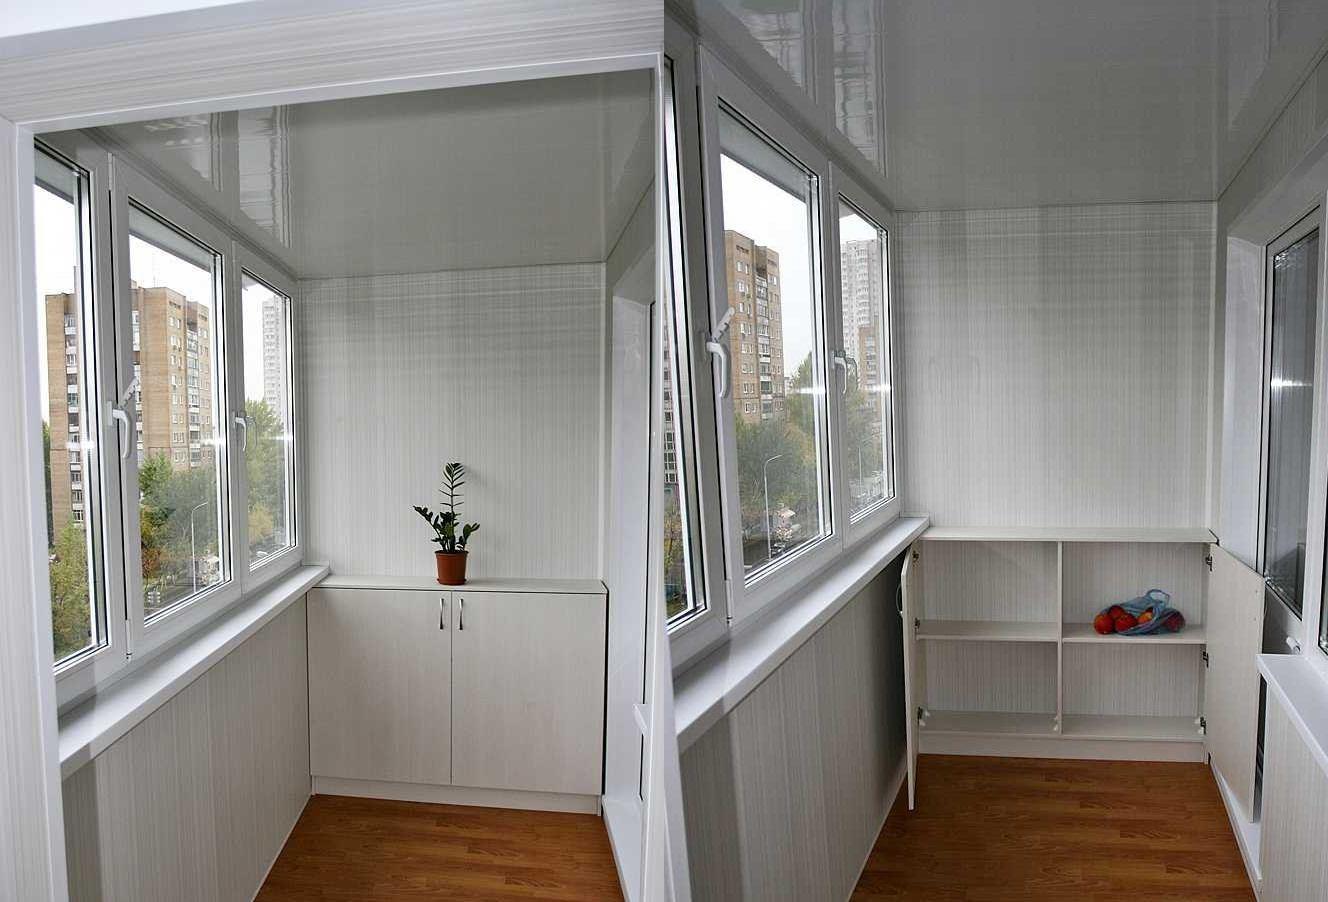 Балкон как кладовая - одно из самых популярных решений